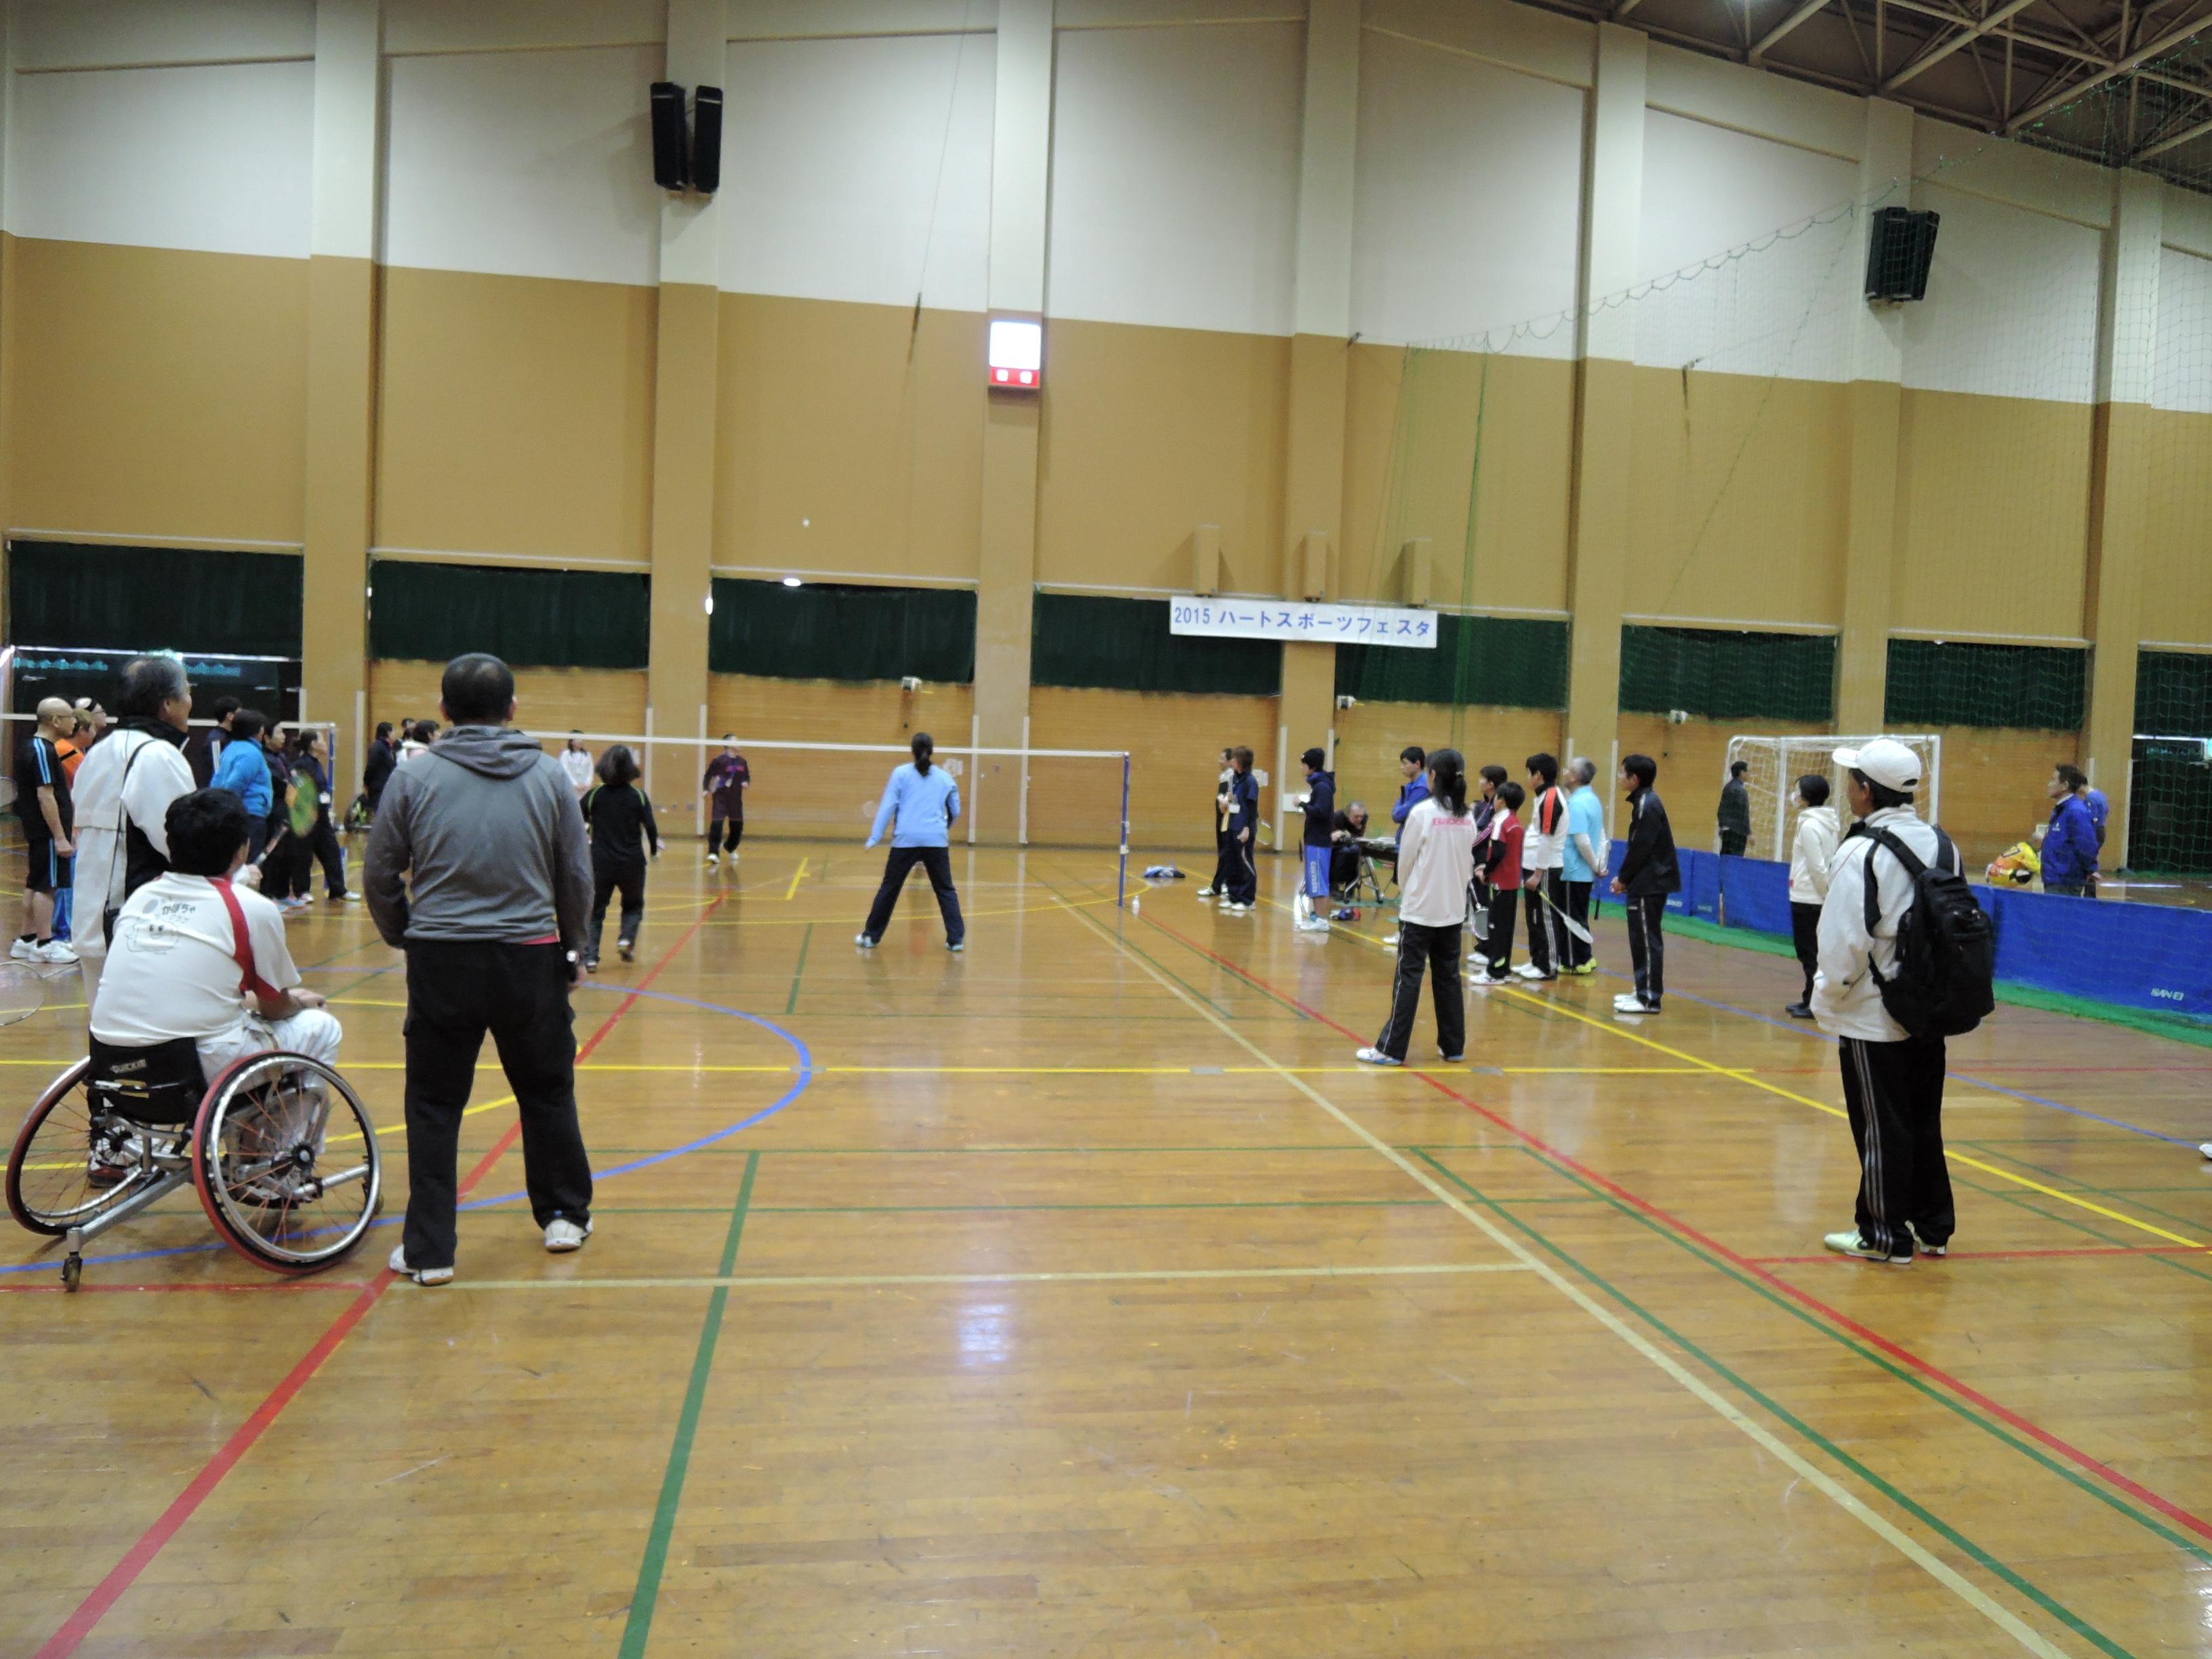 DSCN5540 - 障害者週間記念事業「ハートスポーツフェスタ2015」